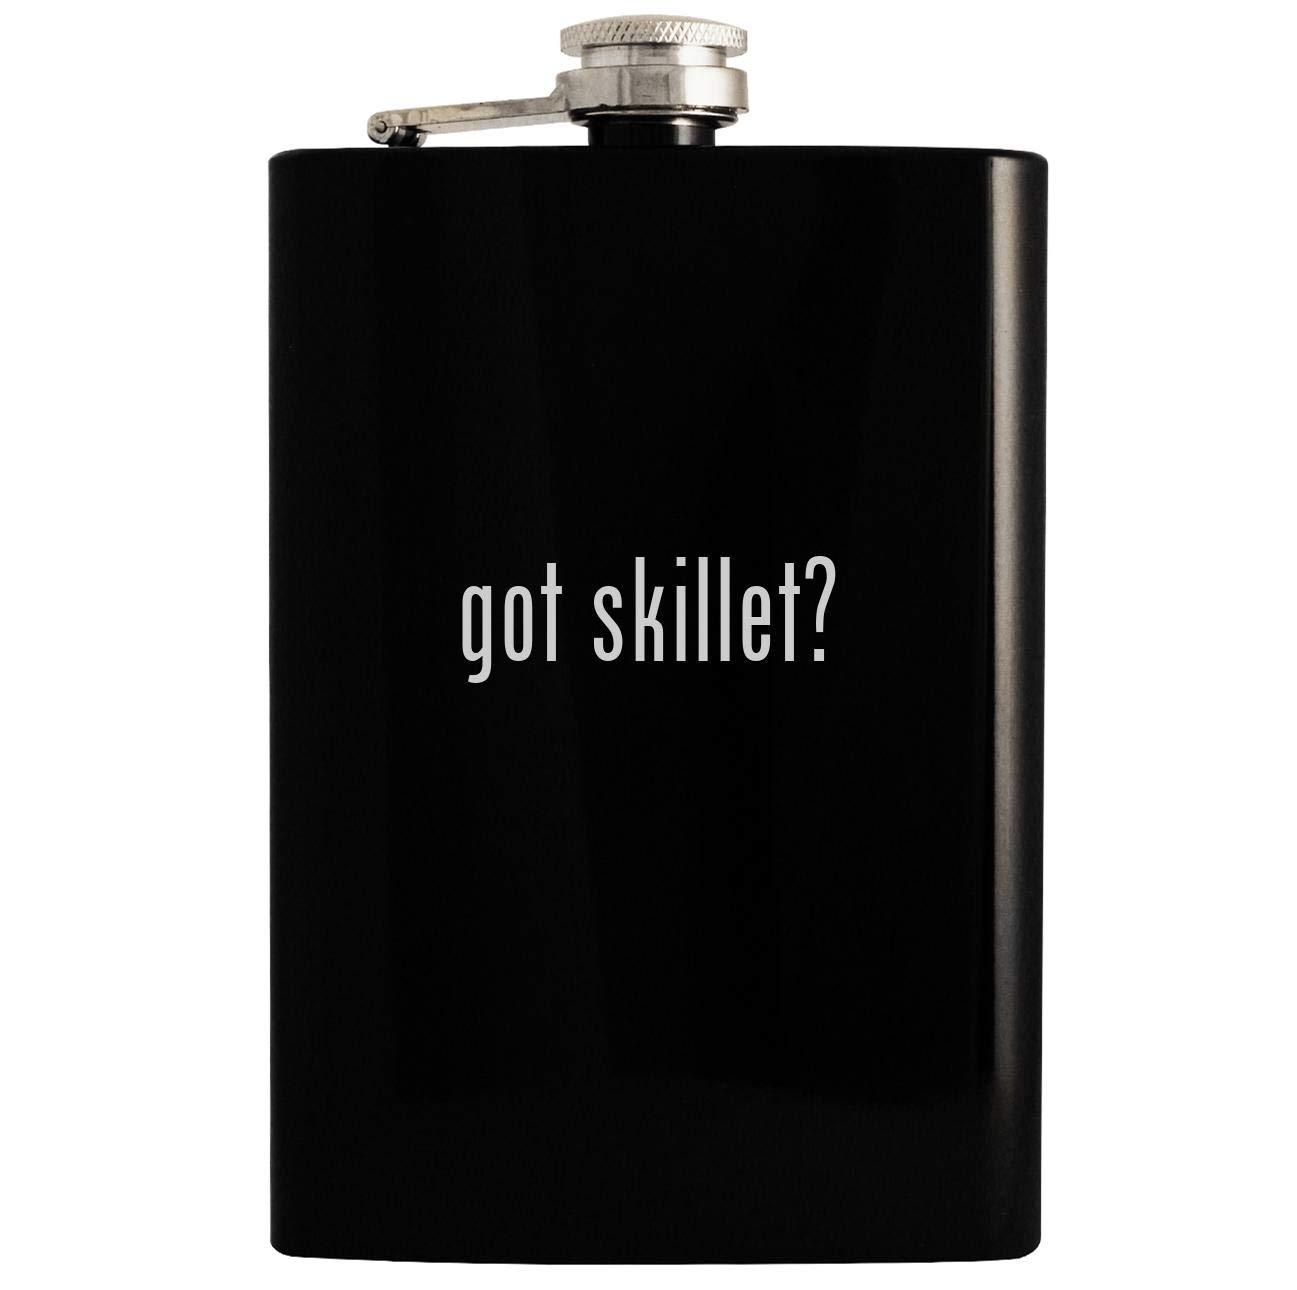 got skillet? - Black 8oz Hip Drinking Alcohol Flask